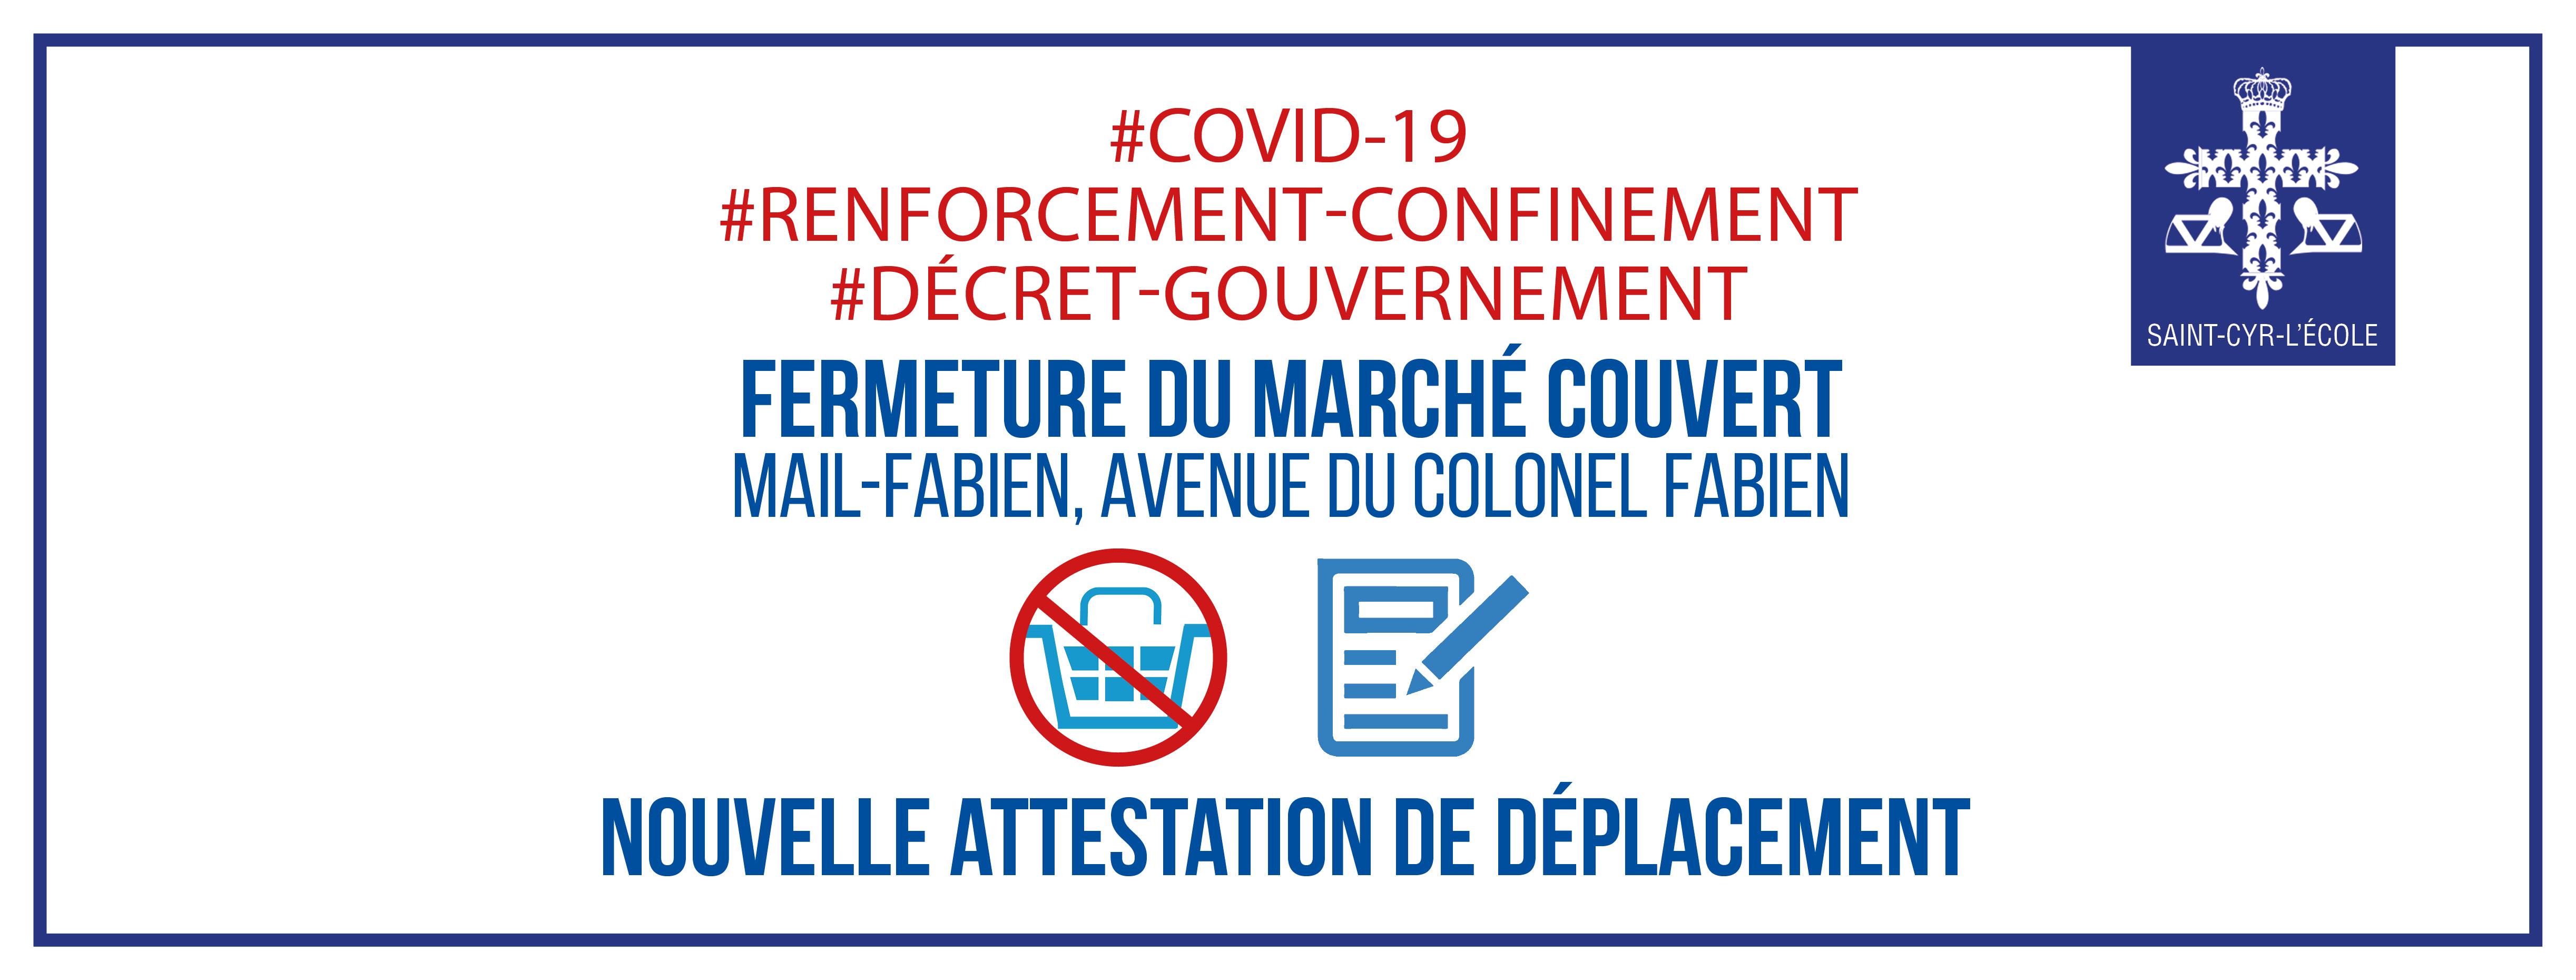 #CONFINEMENT : de nouvelles attestations de circulation